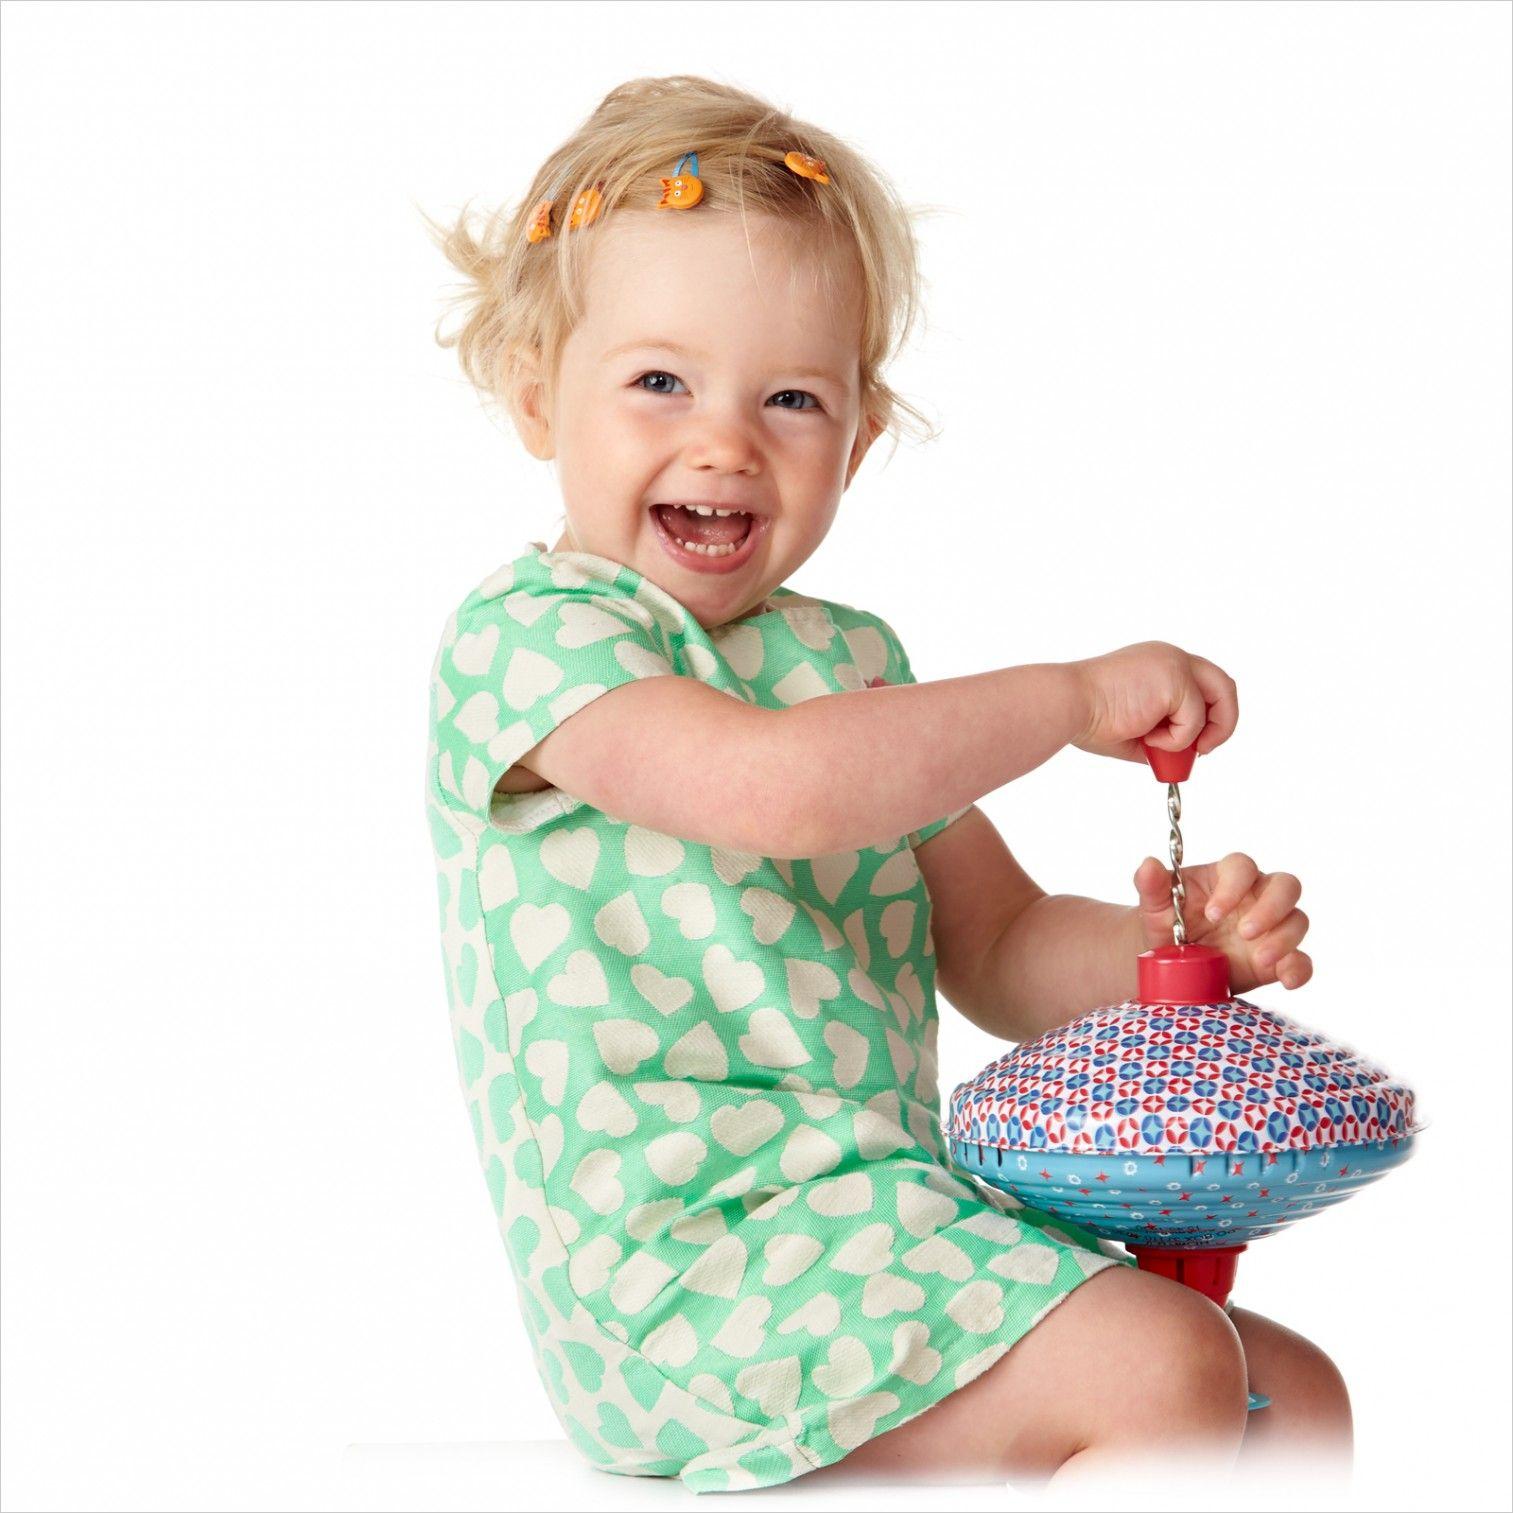 De tol een heel plezant speelgoedje. #tol #kinder #fotografie #kinderfotografie #kinderfotograafpatrick #kleur